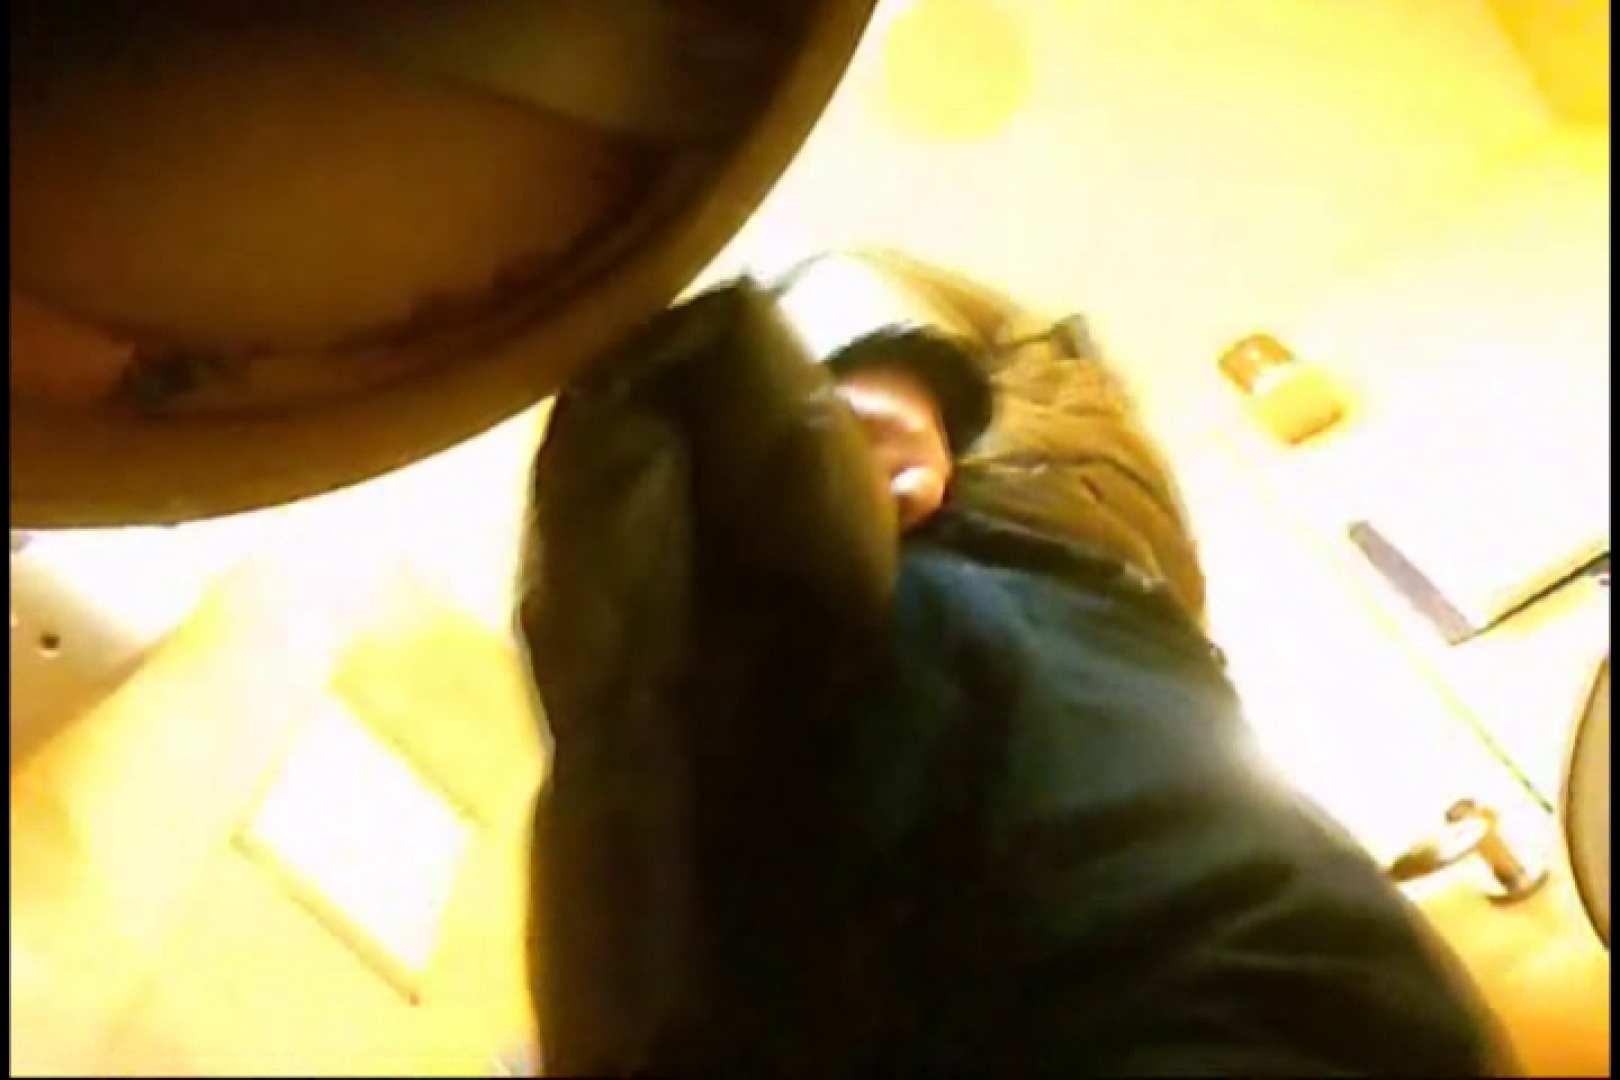 実録!魂の女子化粧室盗撮!!~隠れ潜む特殊カメラ~vo,20 熟女のエロ動画 おまんこ無修正動画無料 108PIX 51